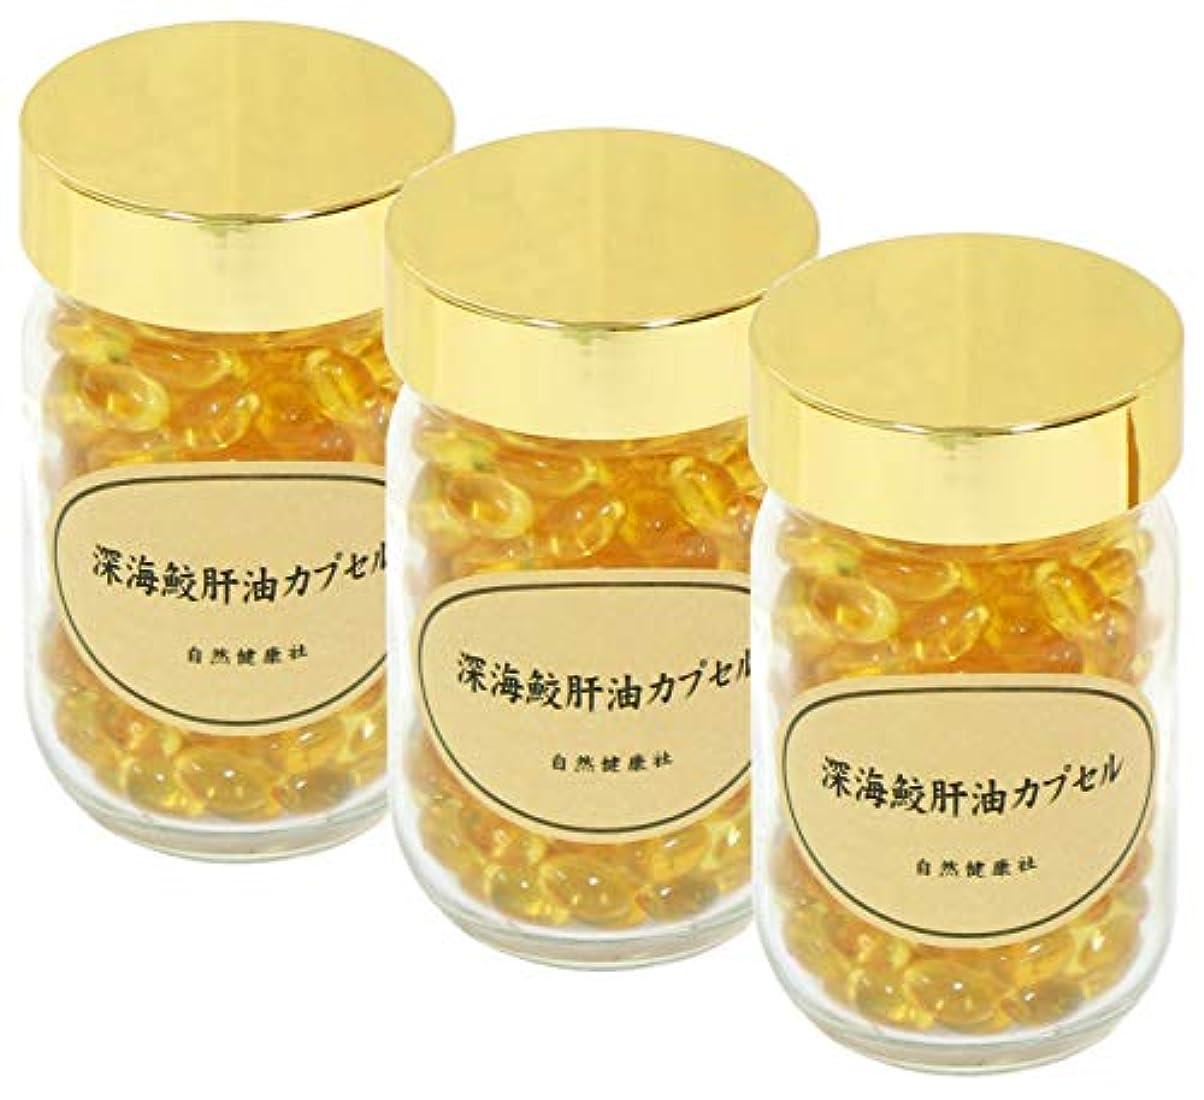 感謝する一掃するスズメバチ自然健康社 深海鮫肝油カプセル?ビン入り 85g×3個(212粒×3個) 密封容器入り